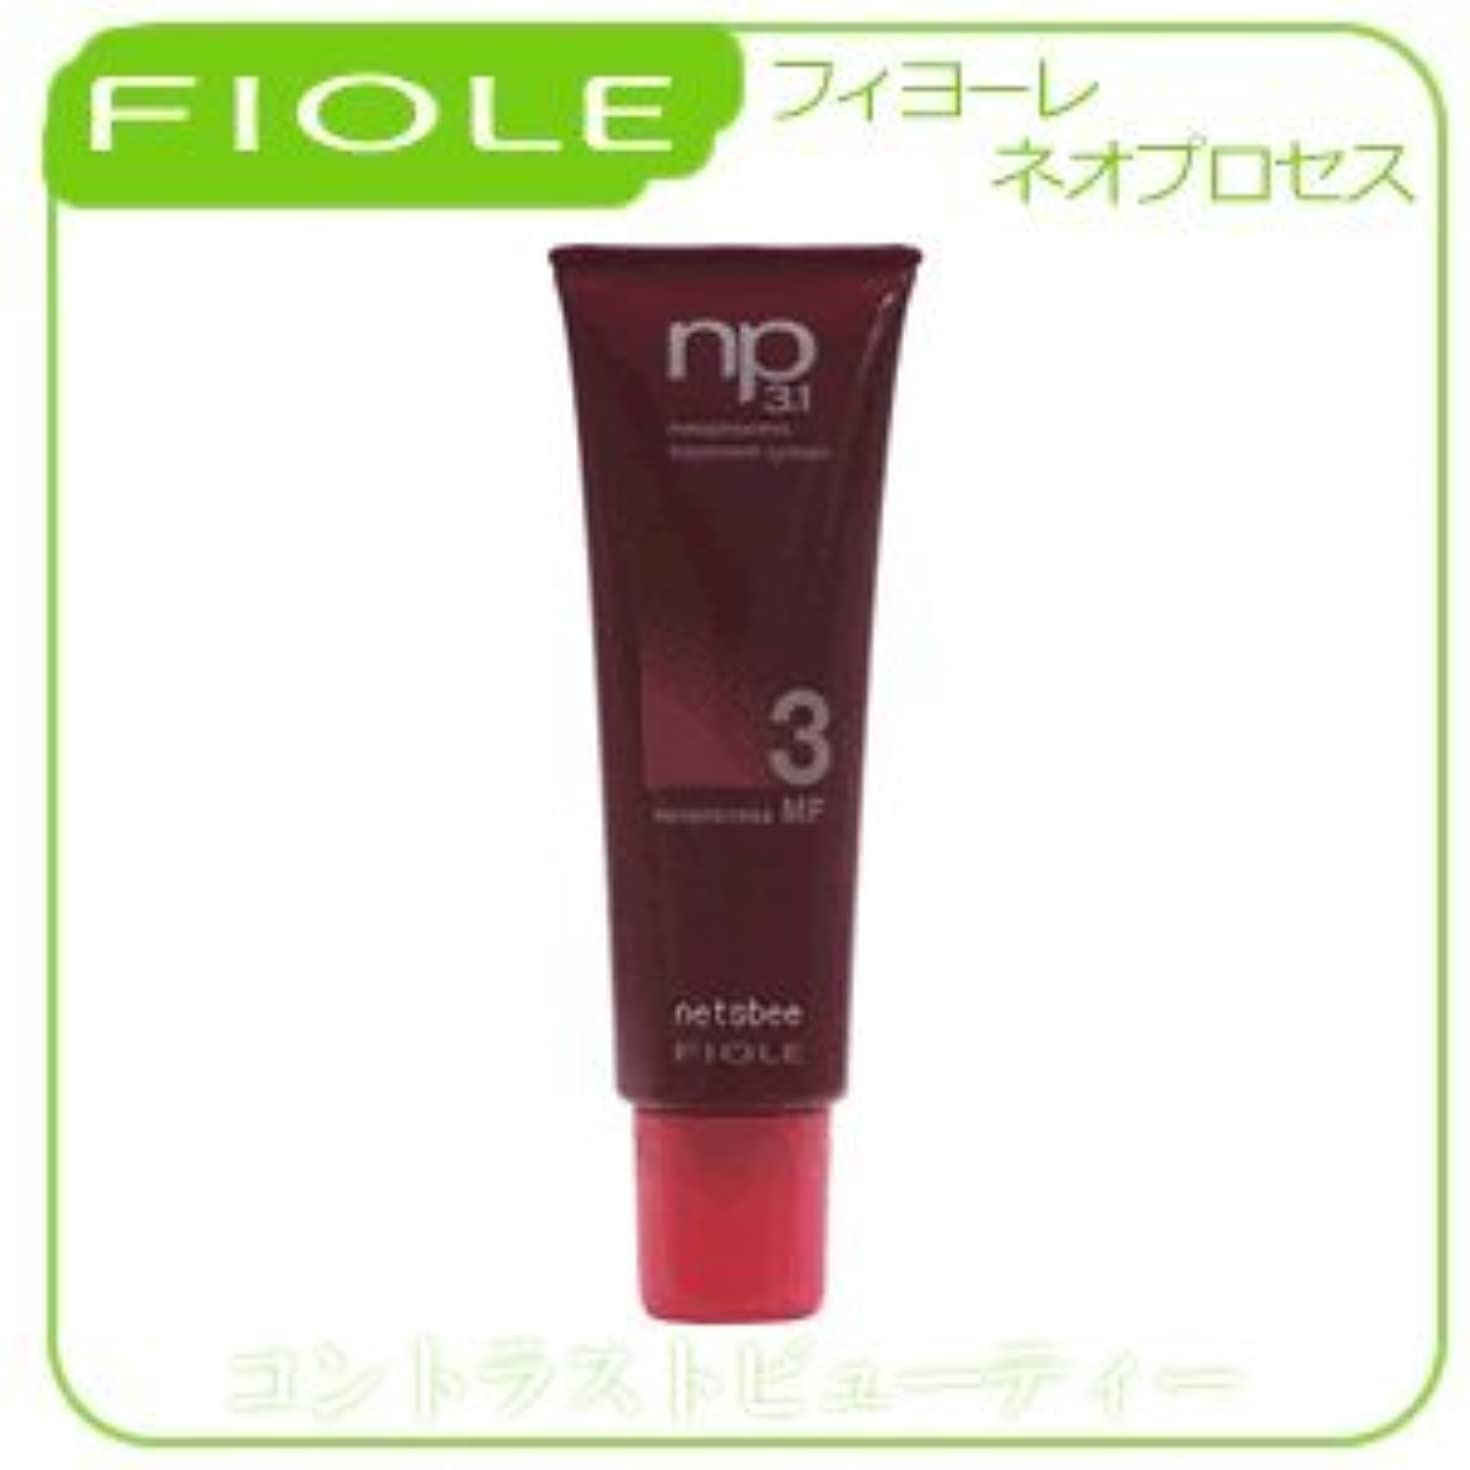 ハーネス偉業管理【X2個セット】 フィヨーレ NP3.1 ネオプロセス MF3 130g FIOLE ネオプロセス